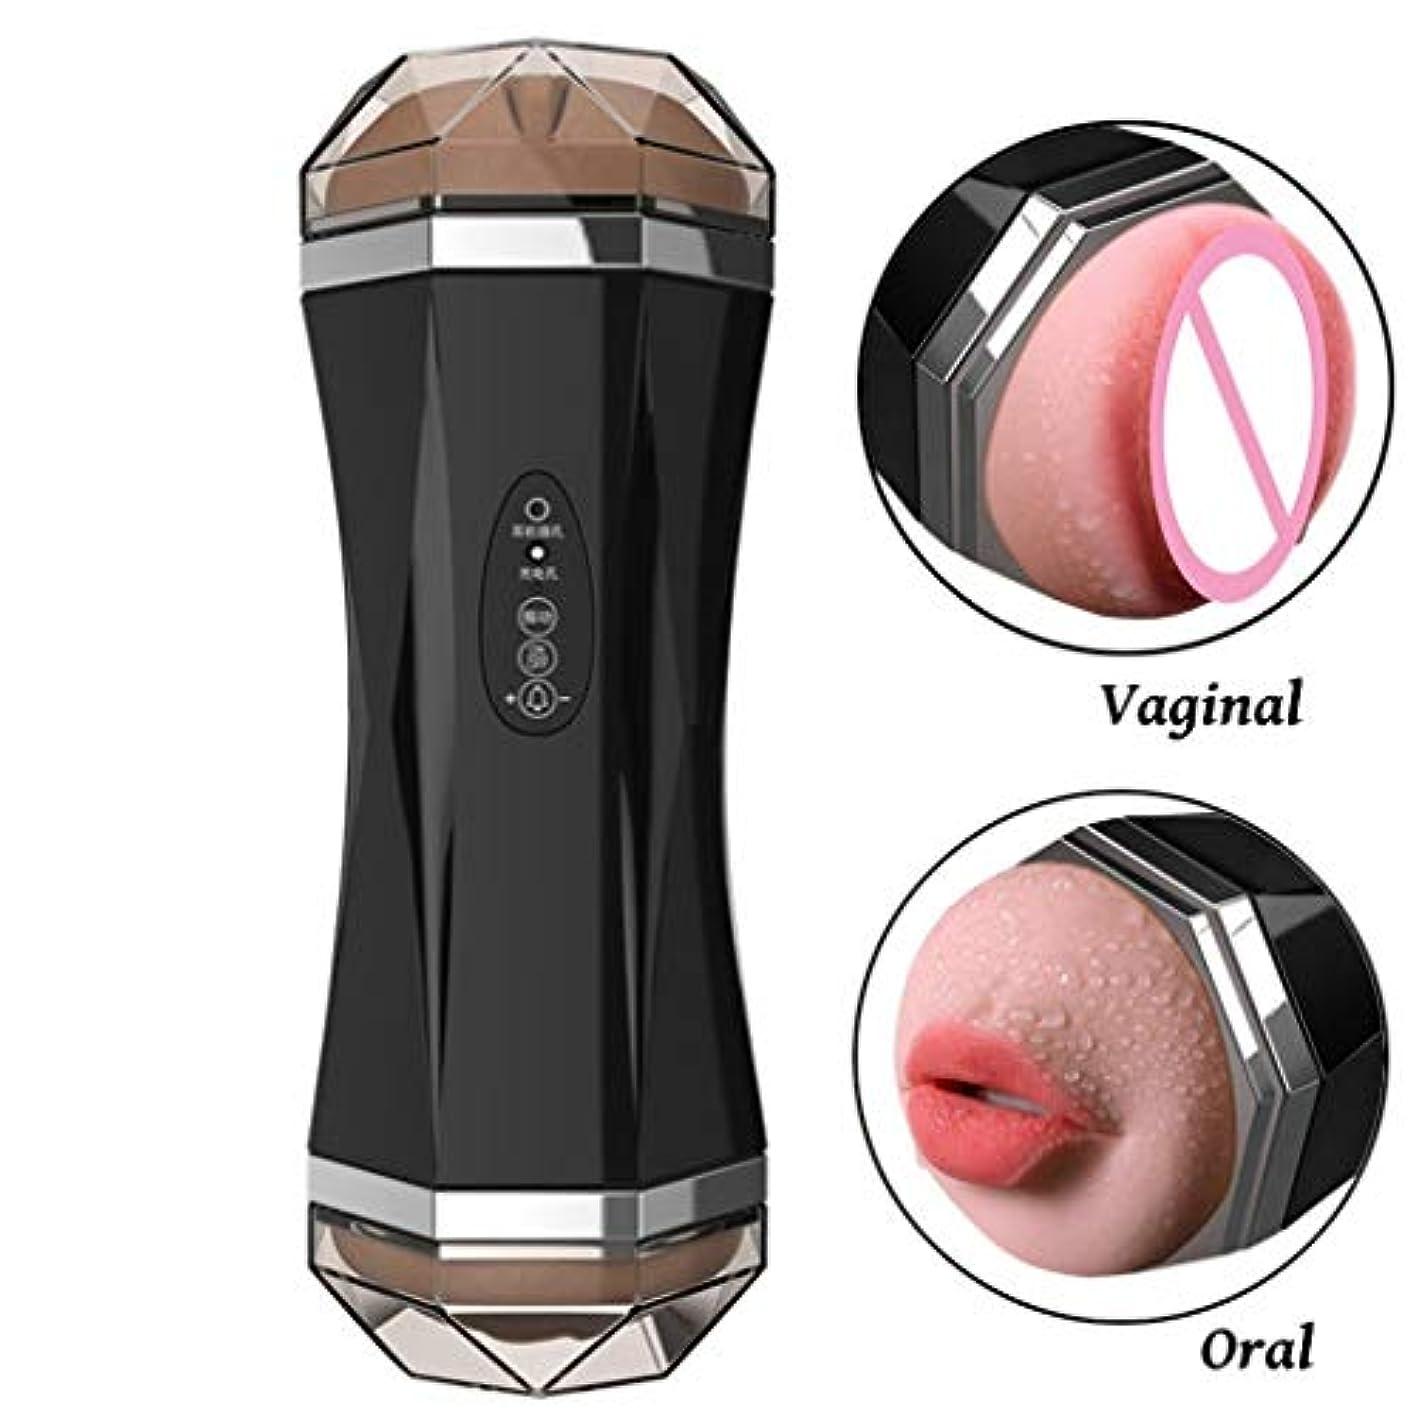 クラシック母性武器Dual Channel Masturbation Cup メンズマッサージ、USB充電現実的な3Dソフトチャンネル、Oral Vibratin 男性用エクササイズ